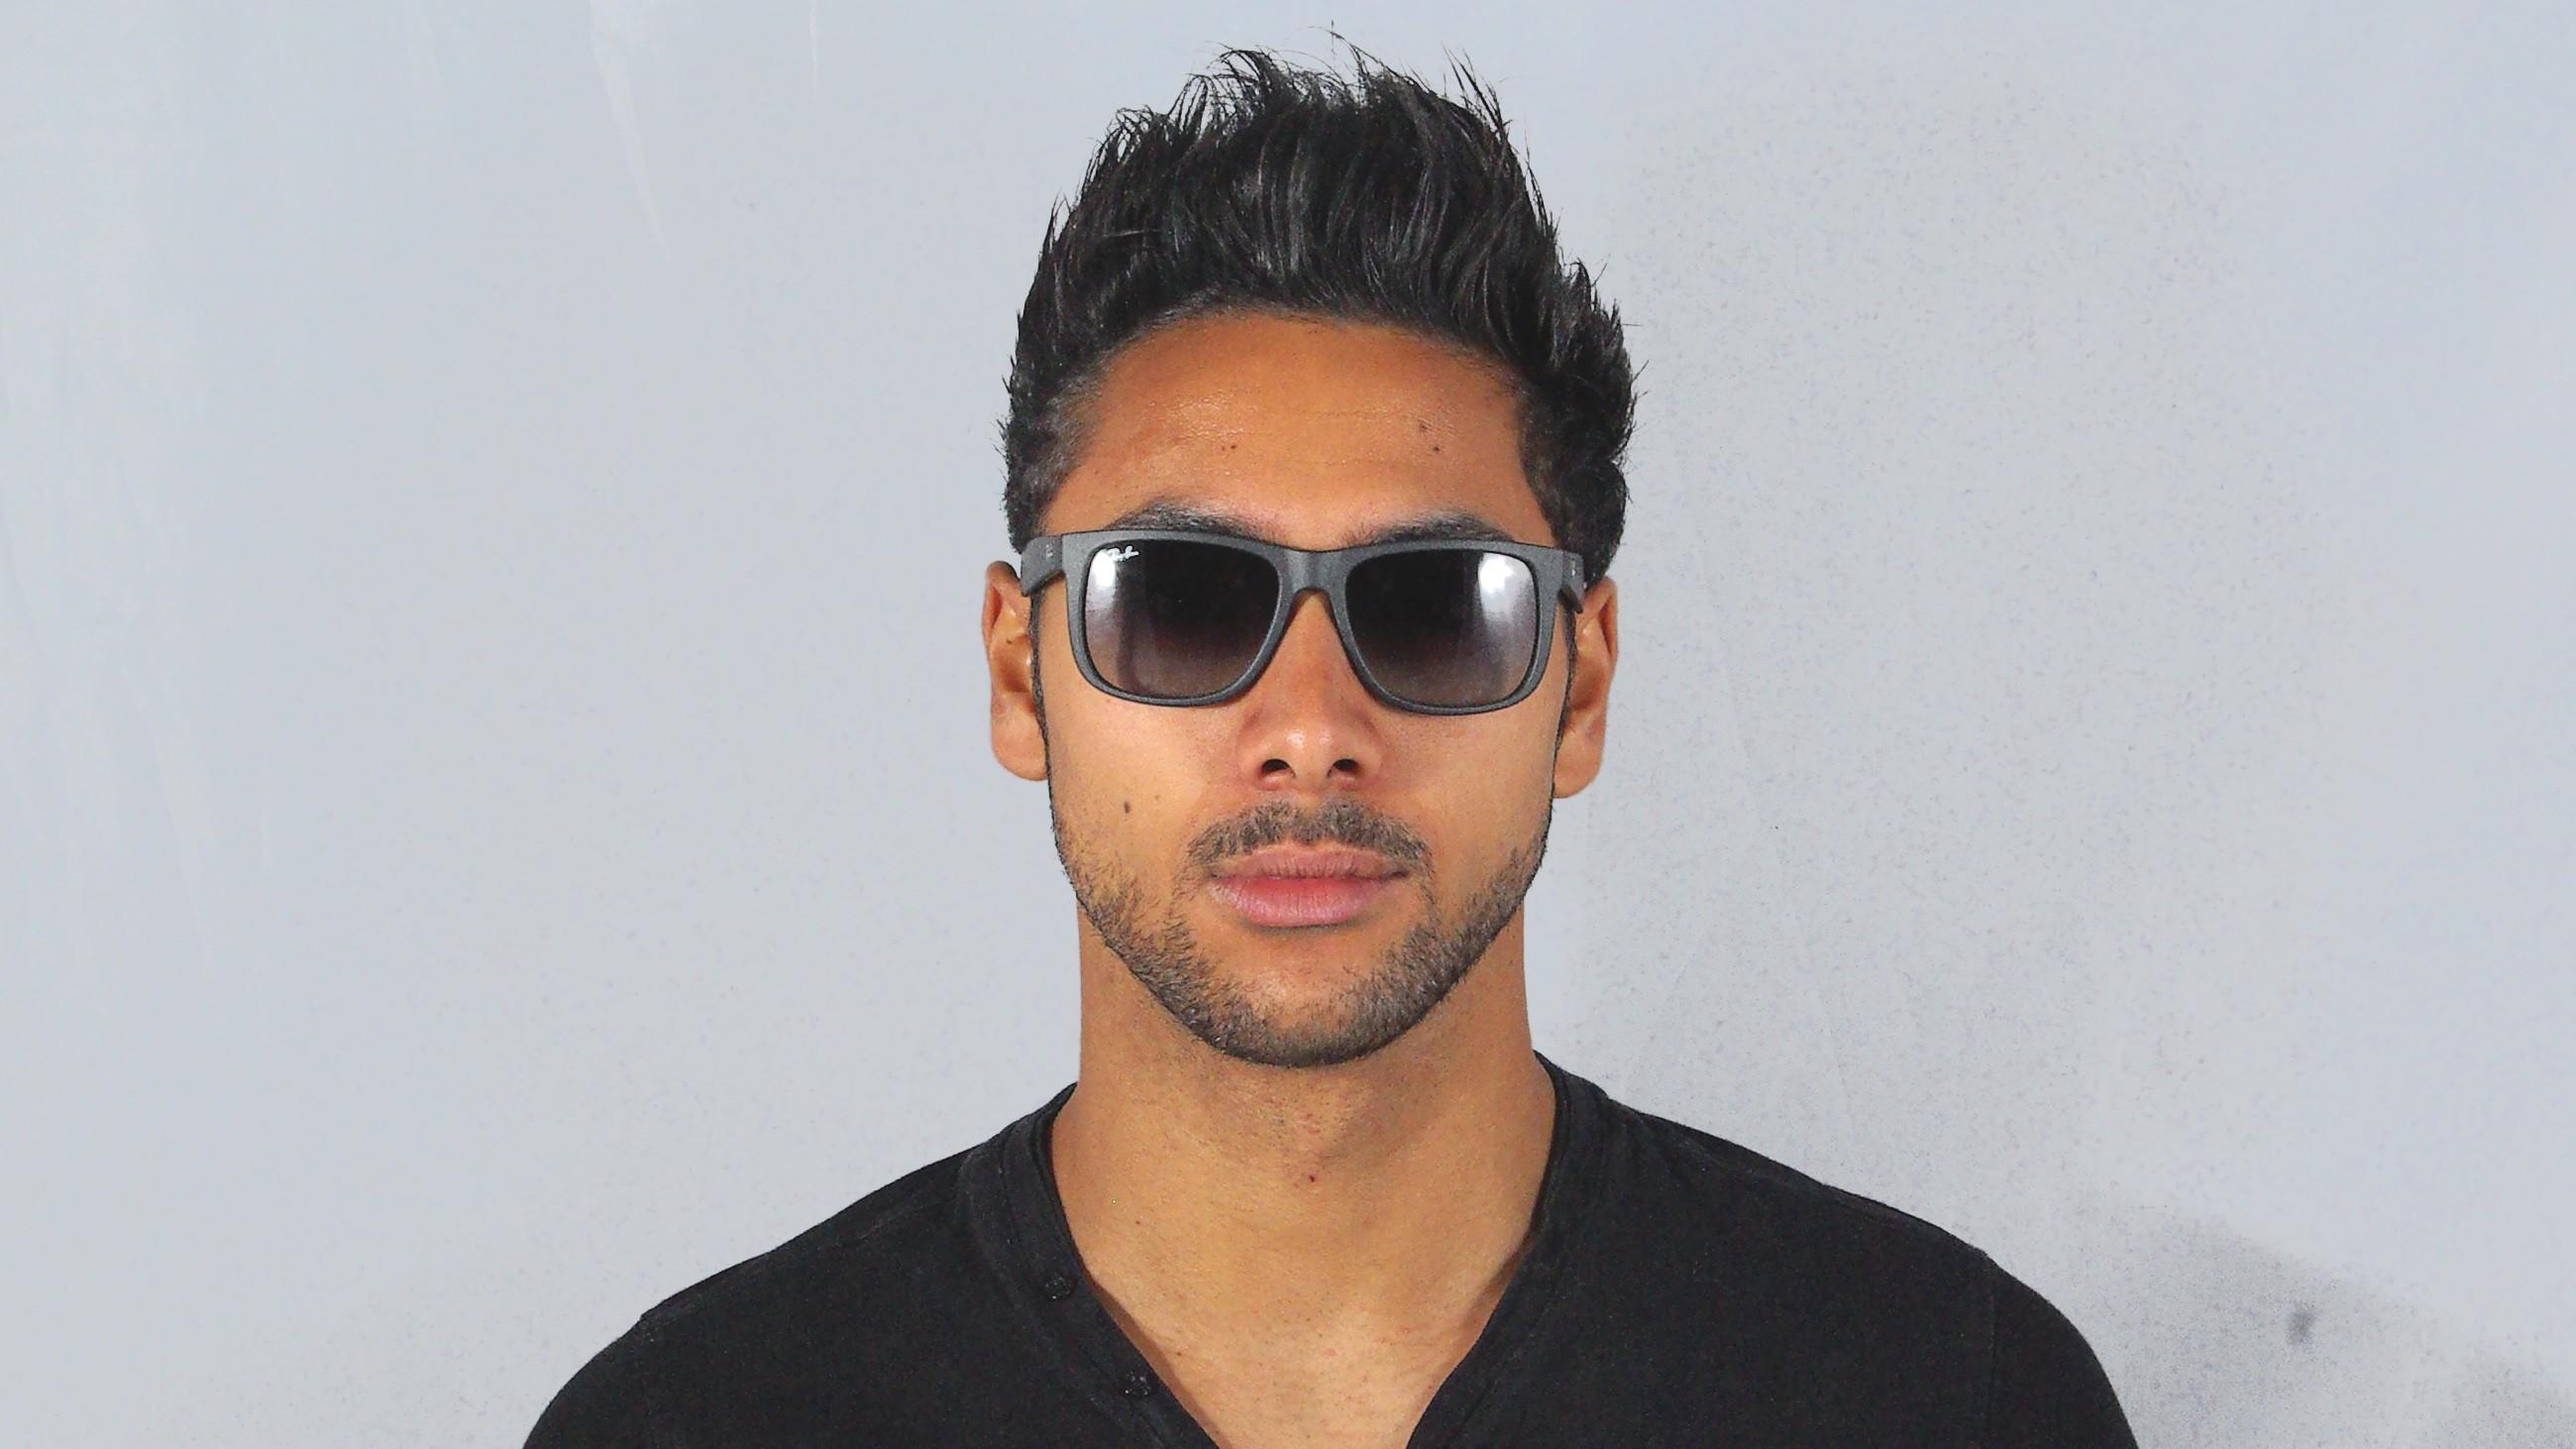 Солнцезащитные очки в симферополе магазины